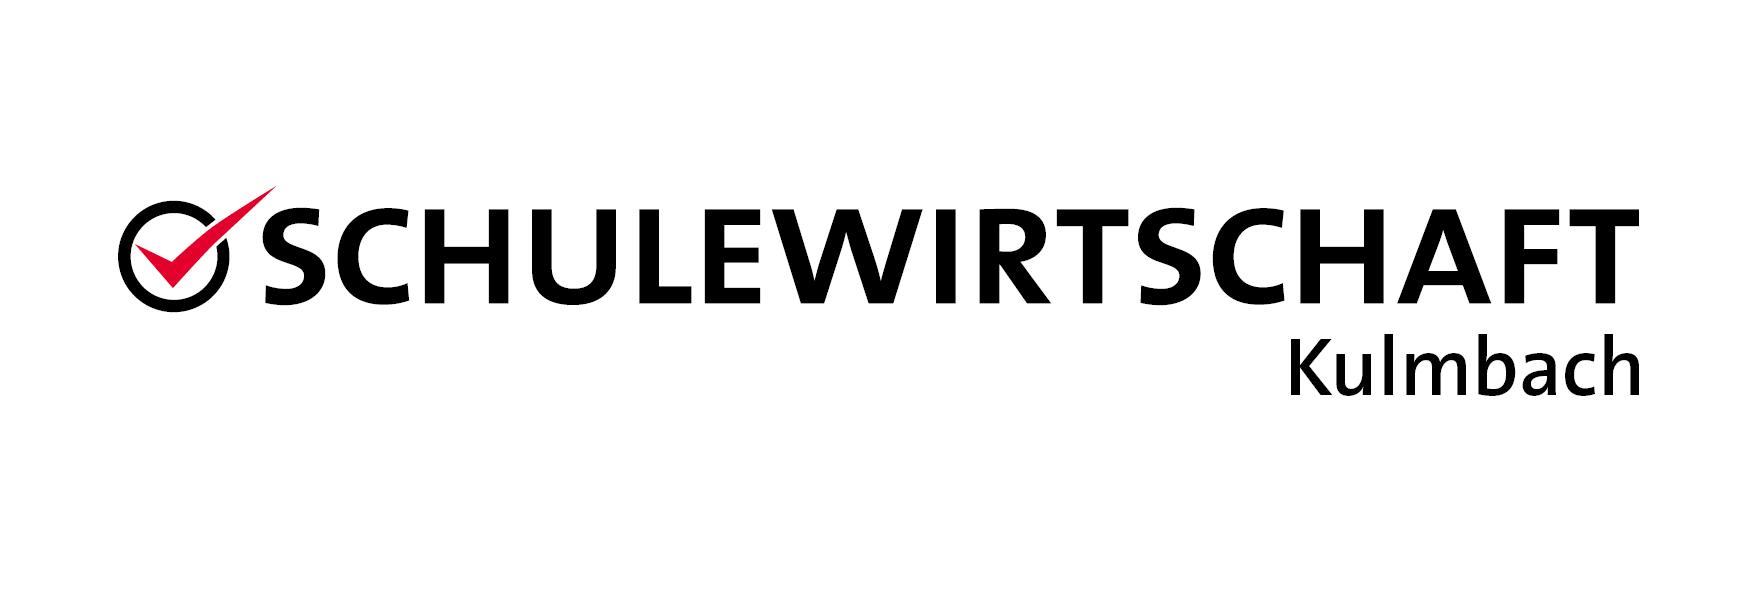 Arbeitskreis Schulewirtschaft Kulmbach